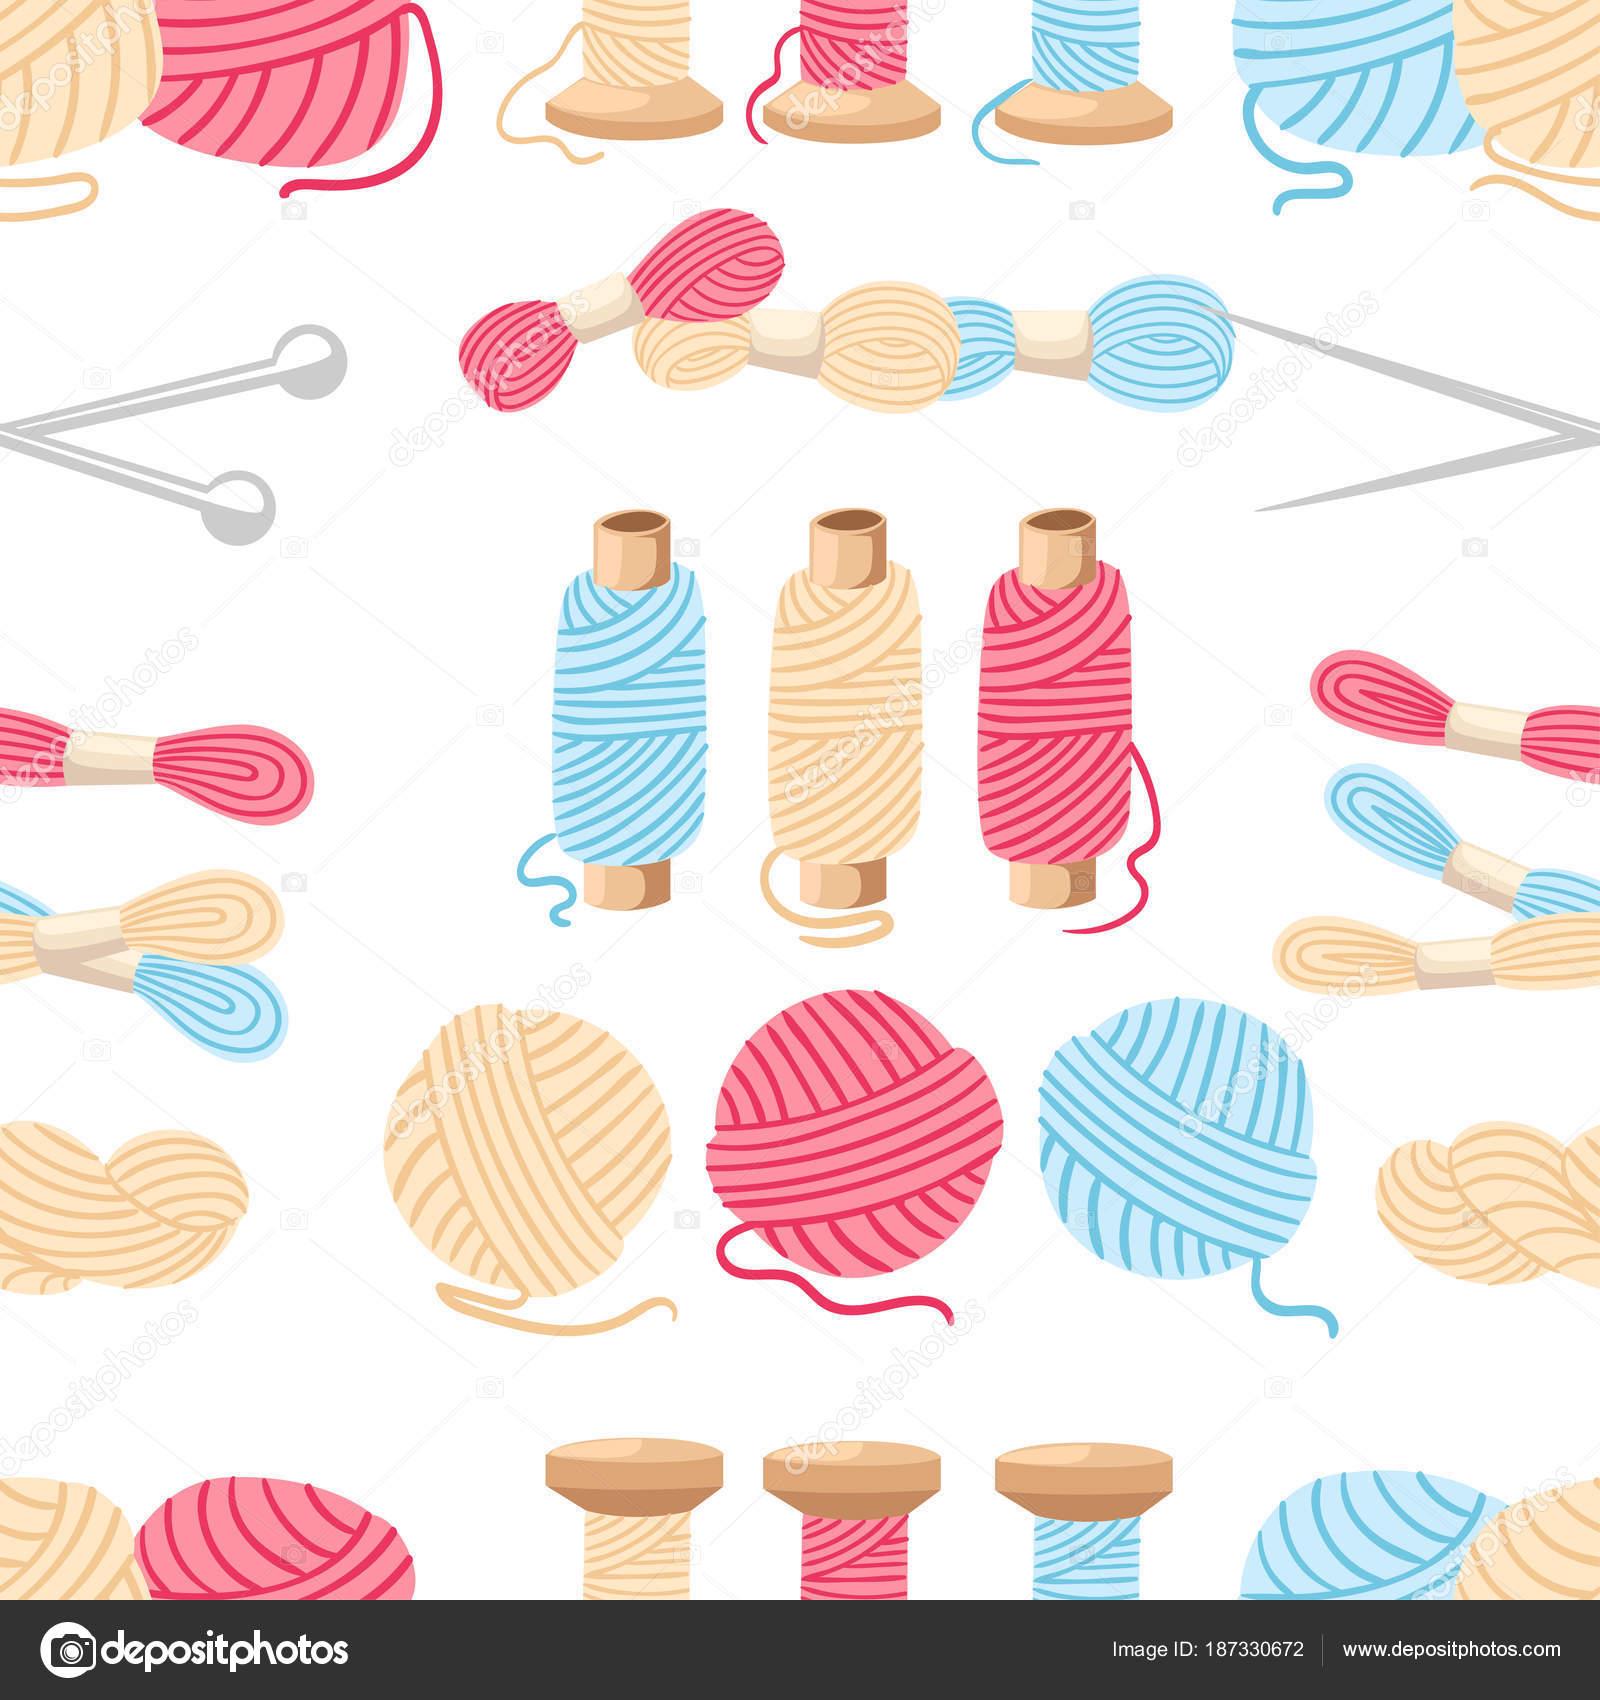 Dibujos: para coser con lana | De patrones sin fisuras. Hilos para ...